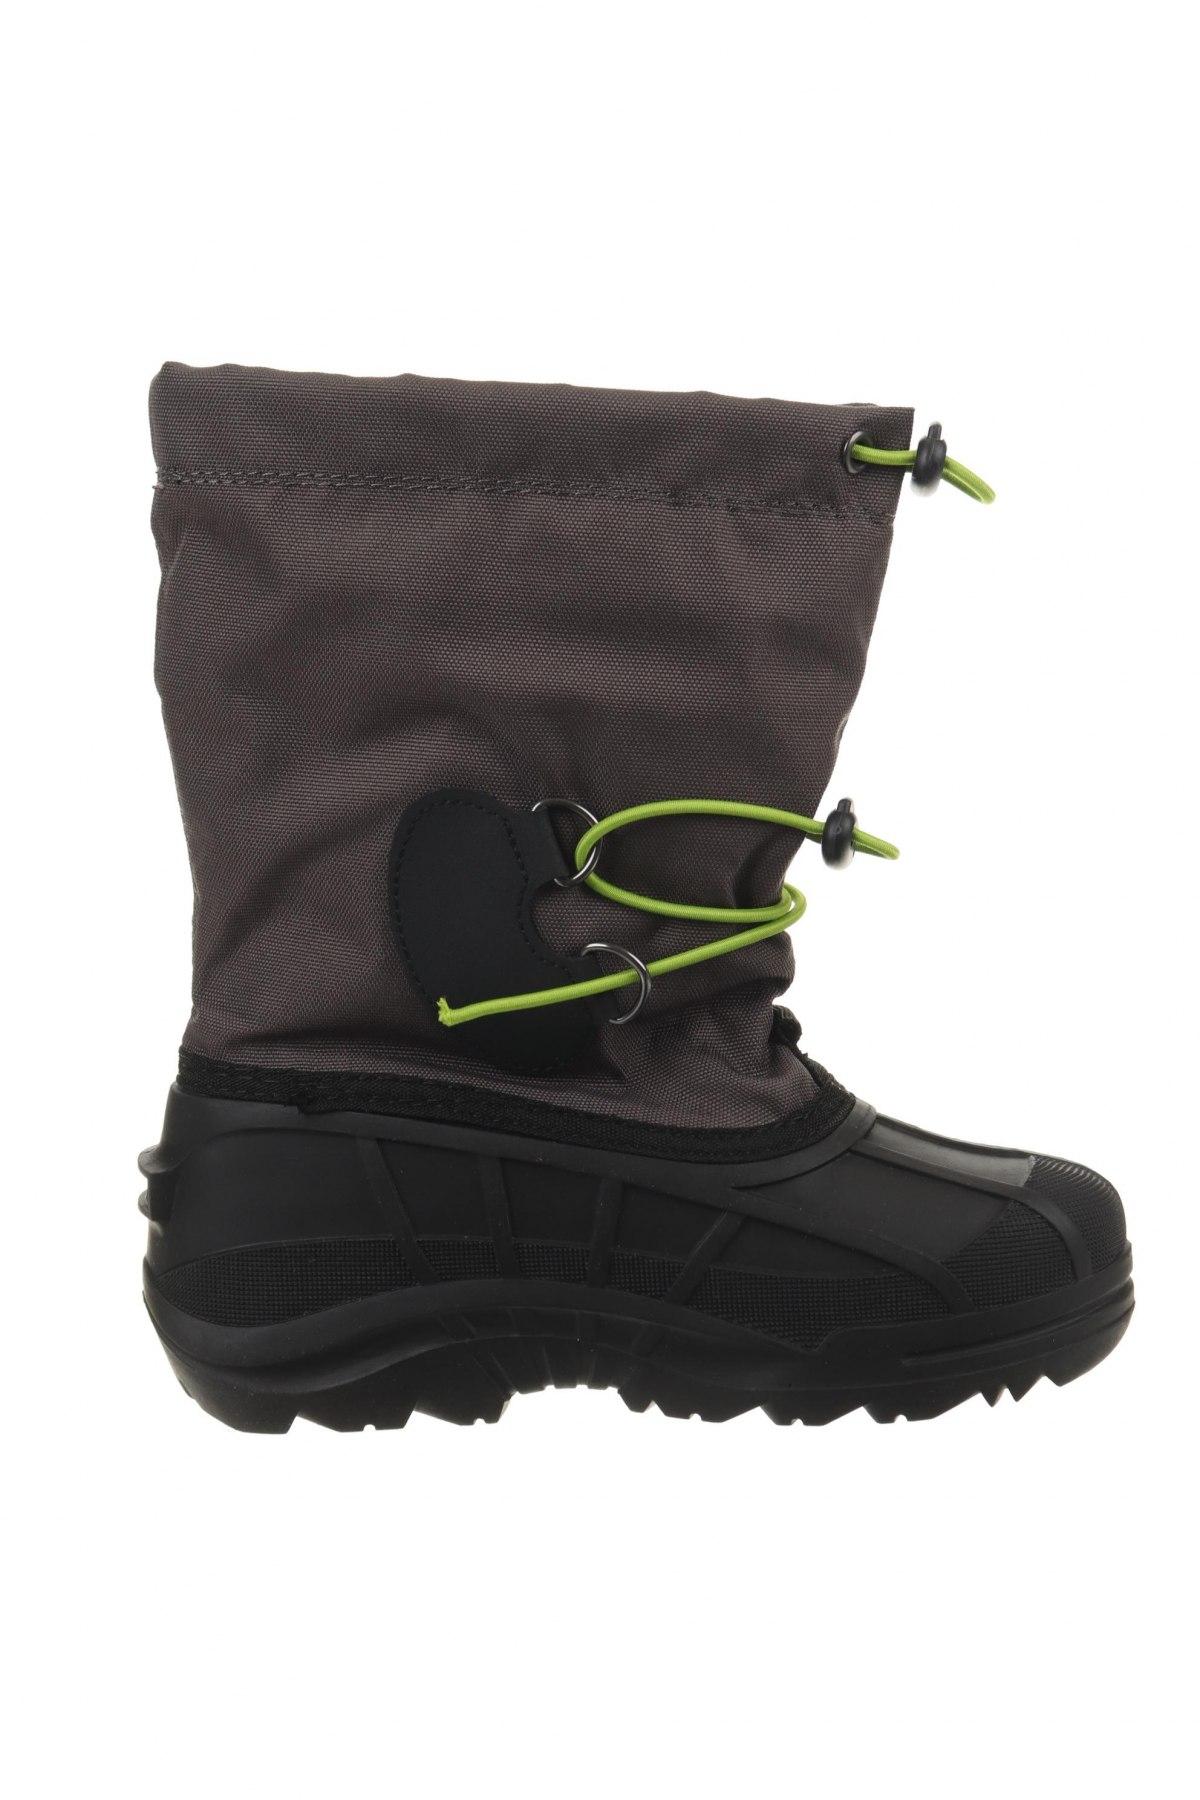 Παιδικά παπούτσια Kamik, Μέγεθος 33, Χρώμα Γκρί, Κλωστοϋφαντουργικά προϊόντα, πολυουρεθάνης, Τιμή 37,11€